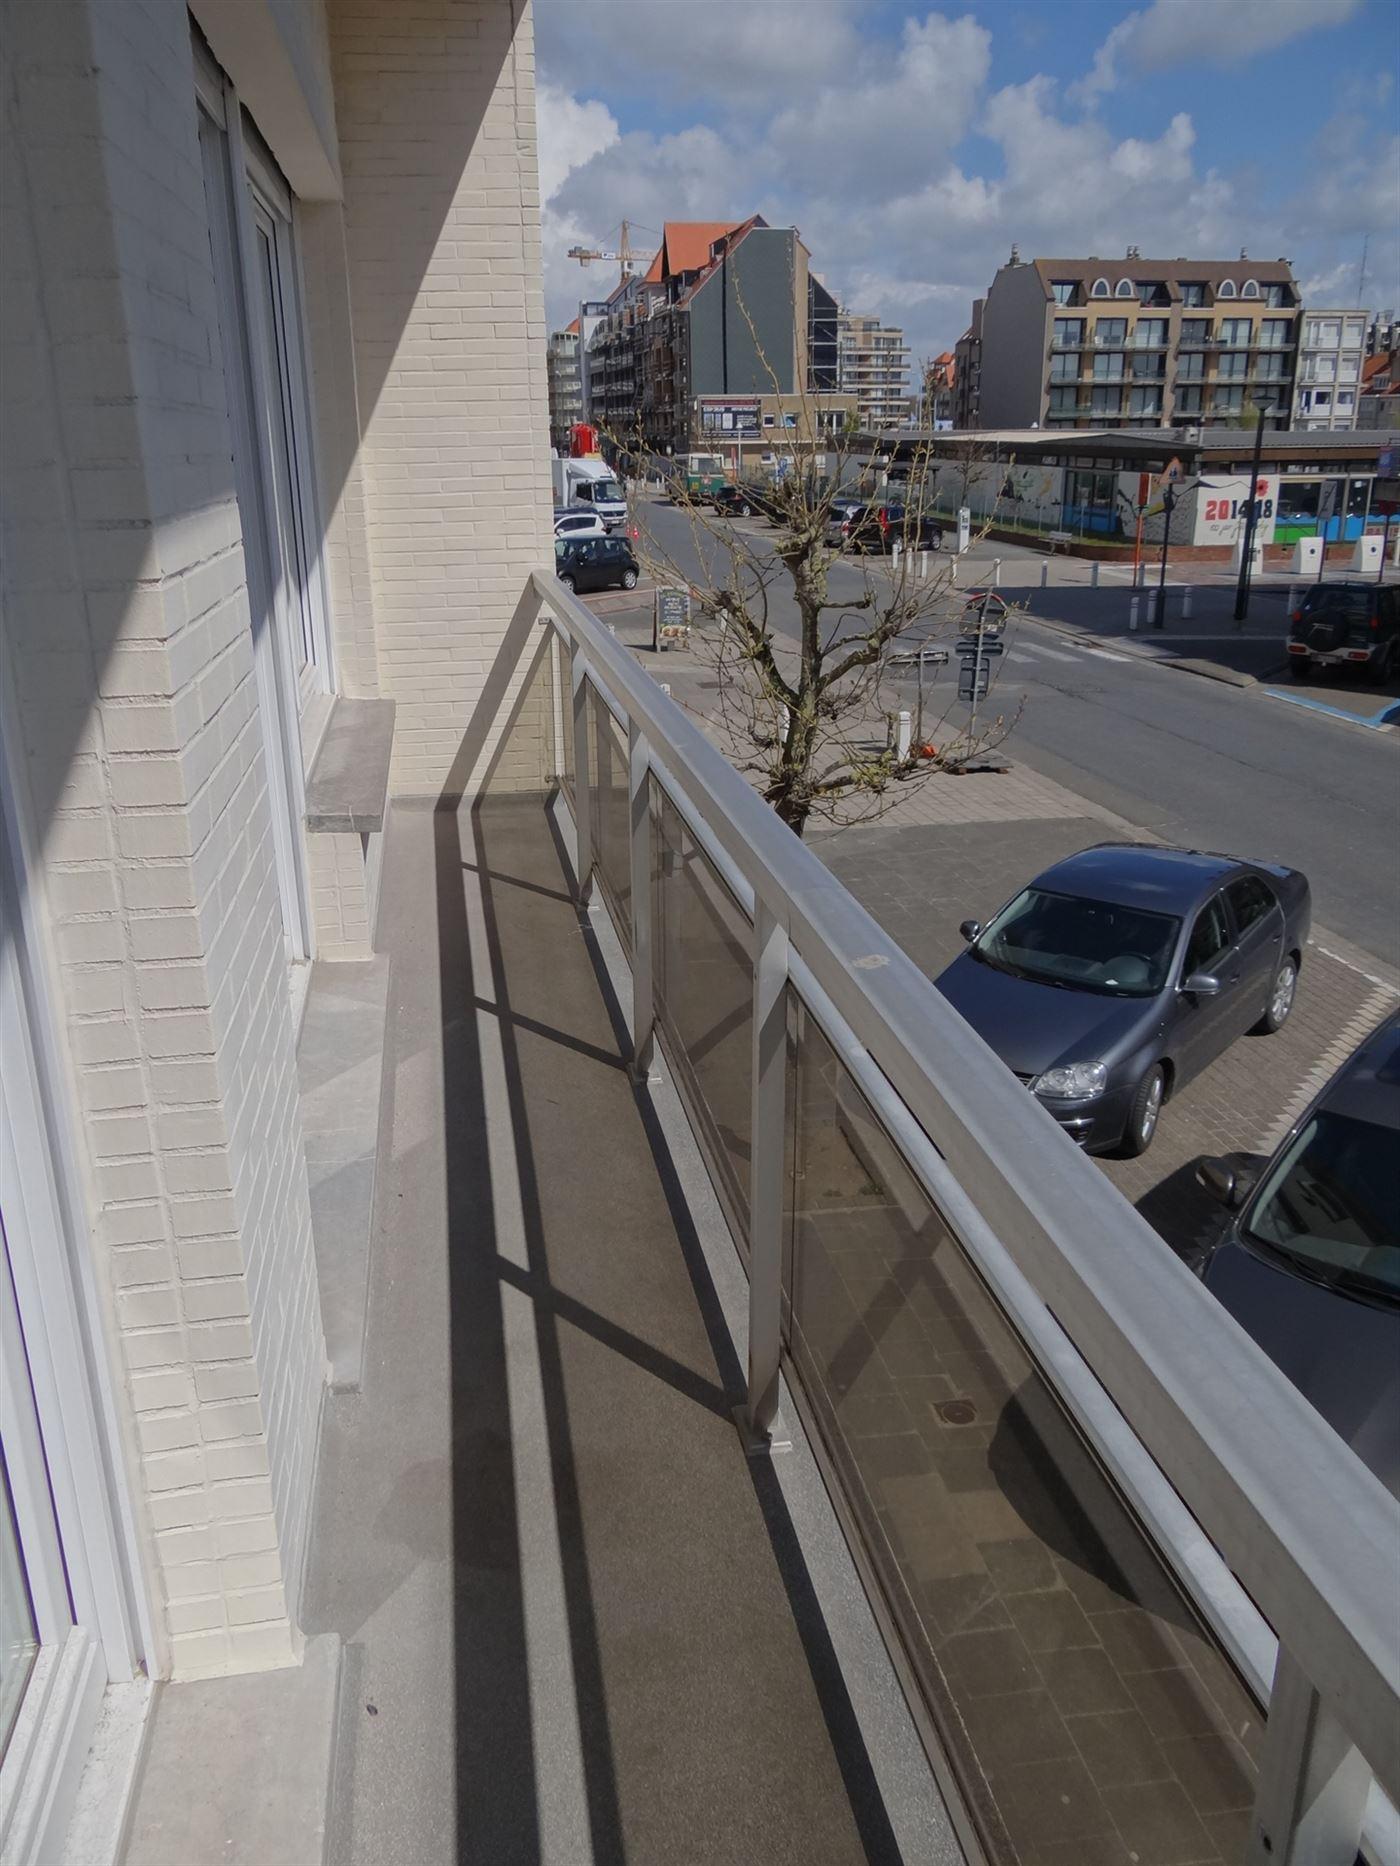 Res. Zoetelande 0104 - Instapklaar gerenoveerd appartement met slaapkamer - Zonnige ligging op de eerste verdieping in de Franslaan - Inkom met toilet...